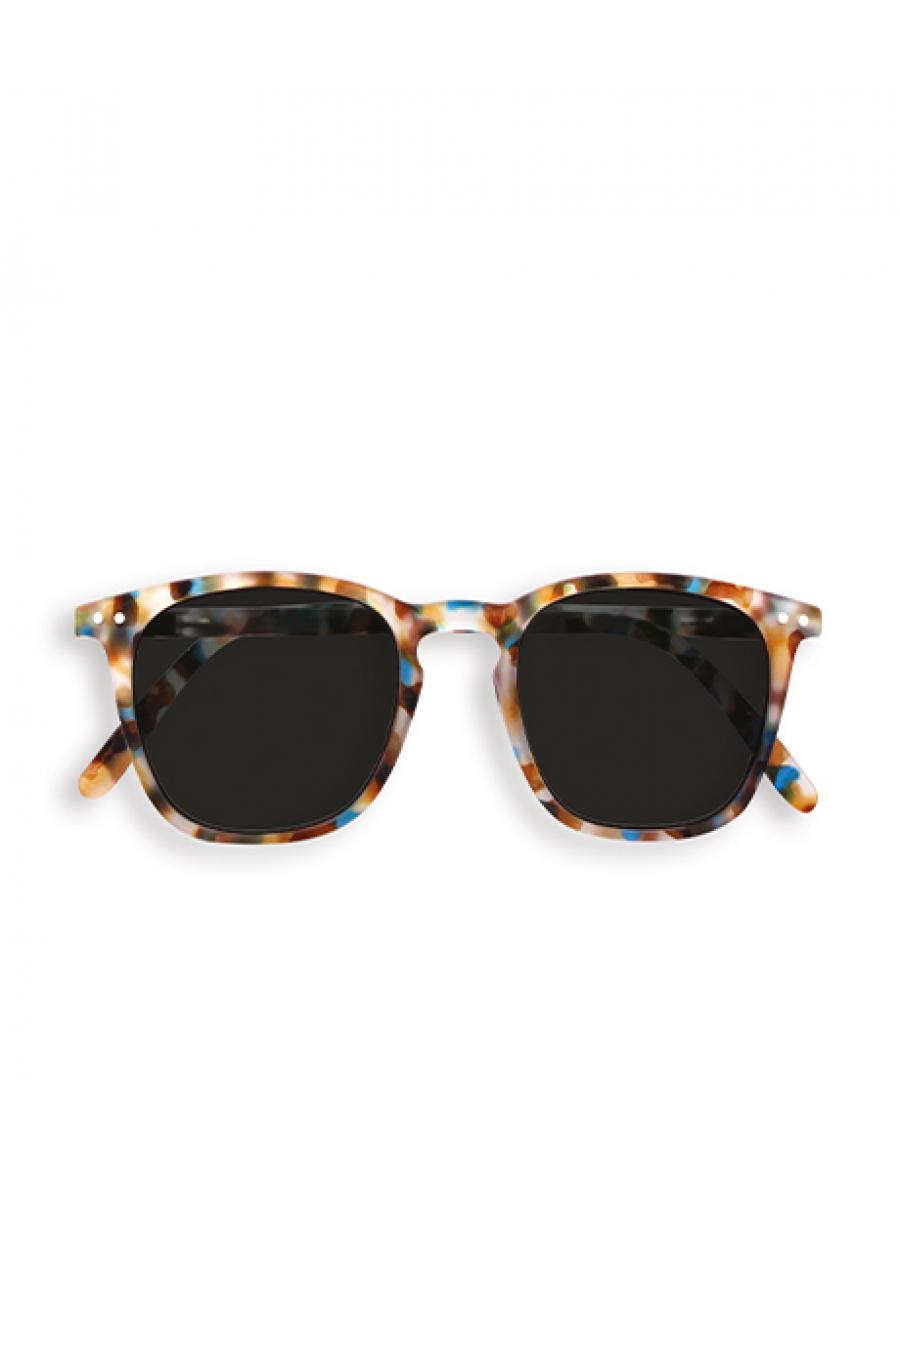 #E Sun Green Tortoise Güneş Gözlüğü